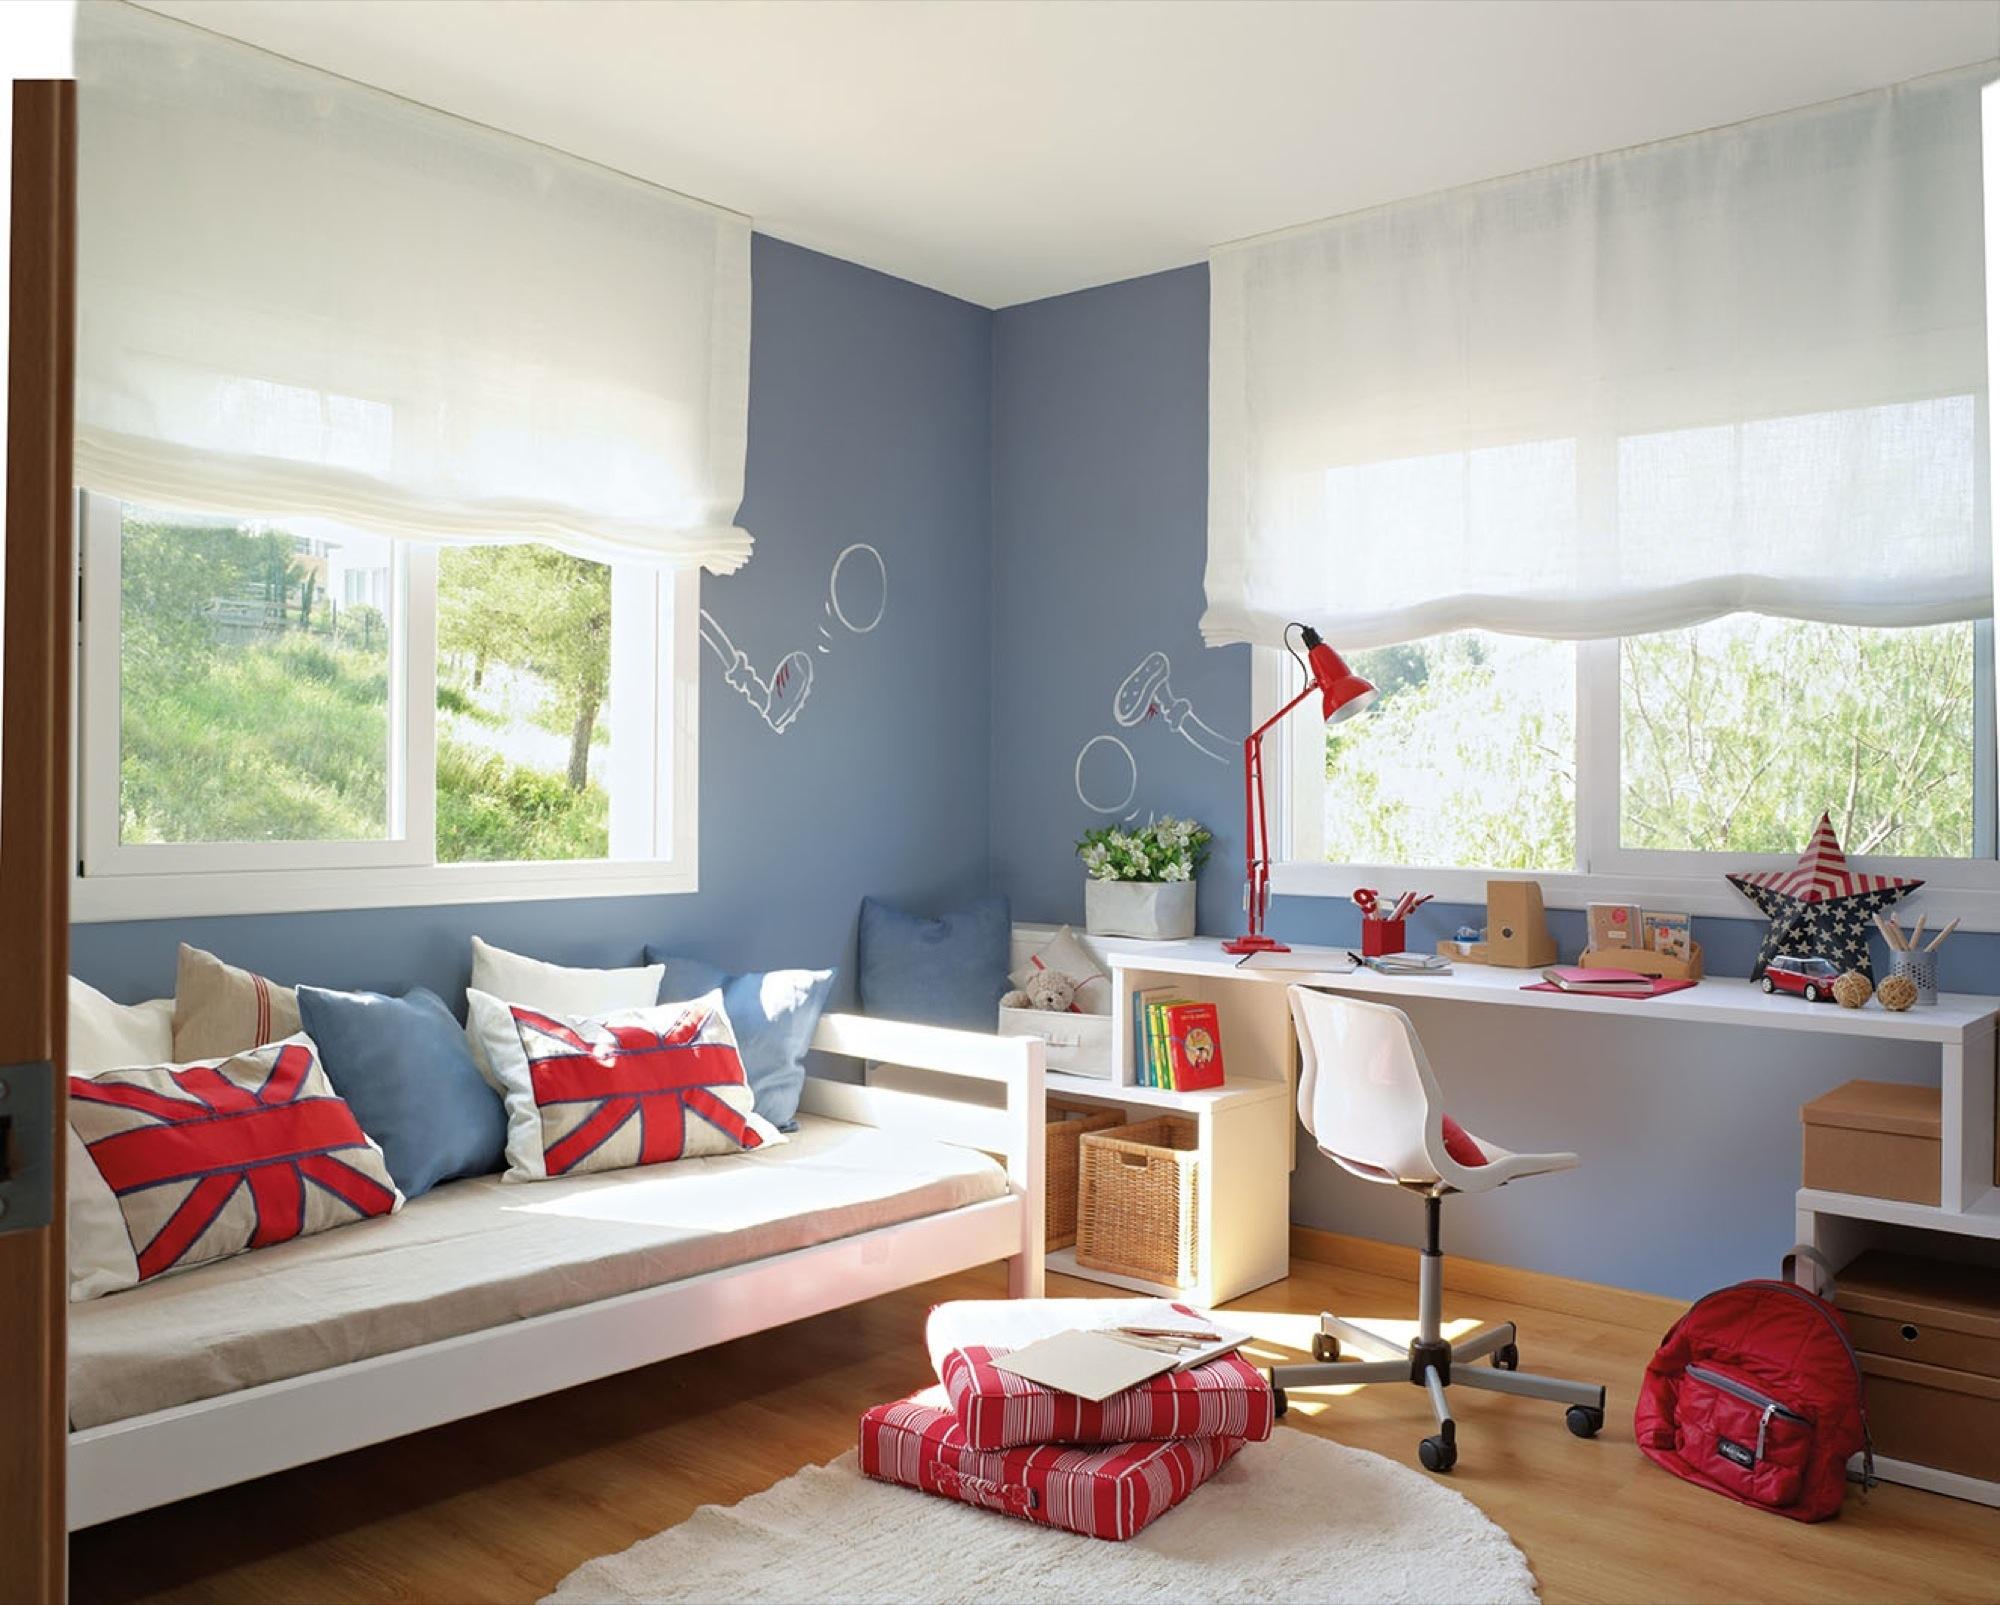 C mo pintar la casa sin ayuda de un pintor profesional - Presupuesto para pintar una casa ...